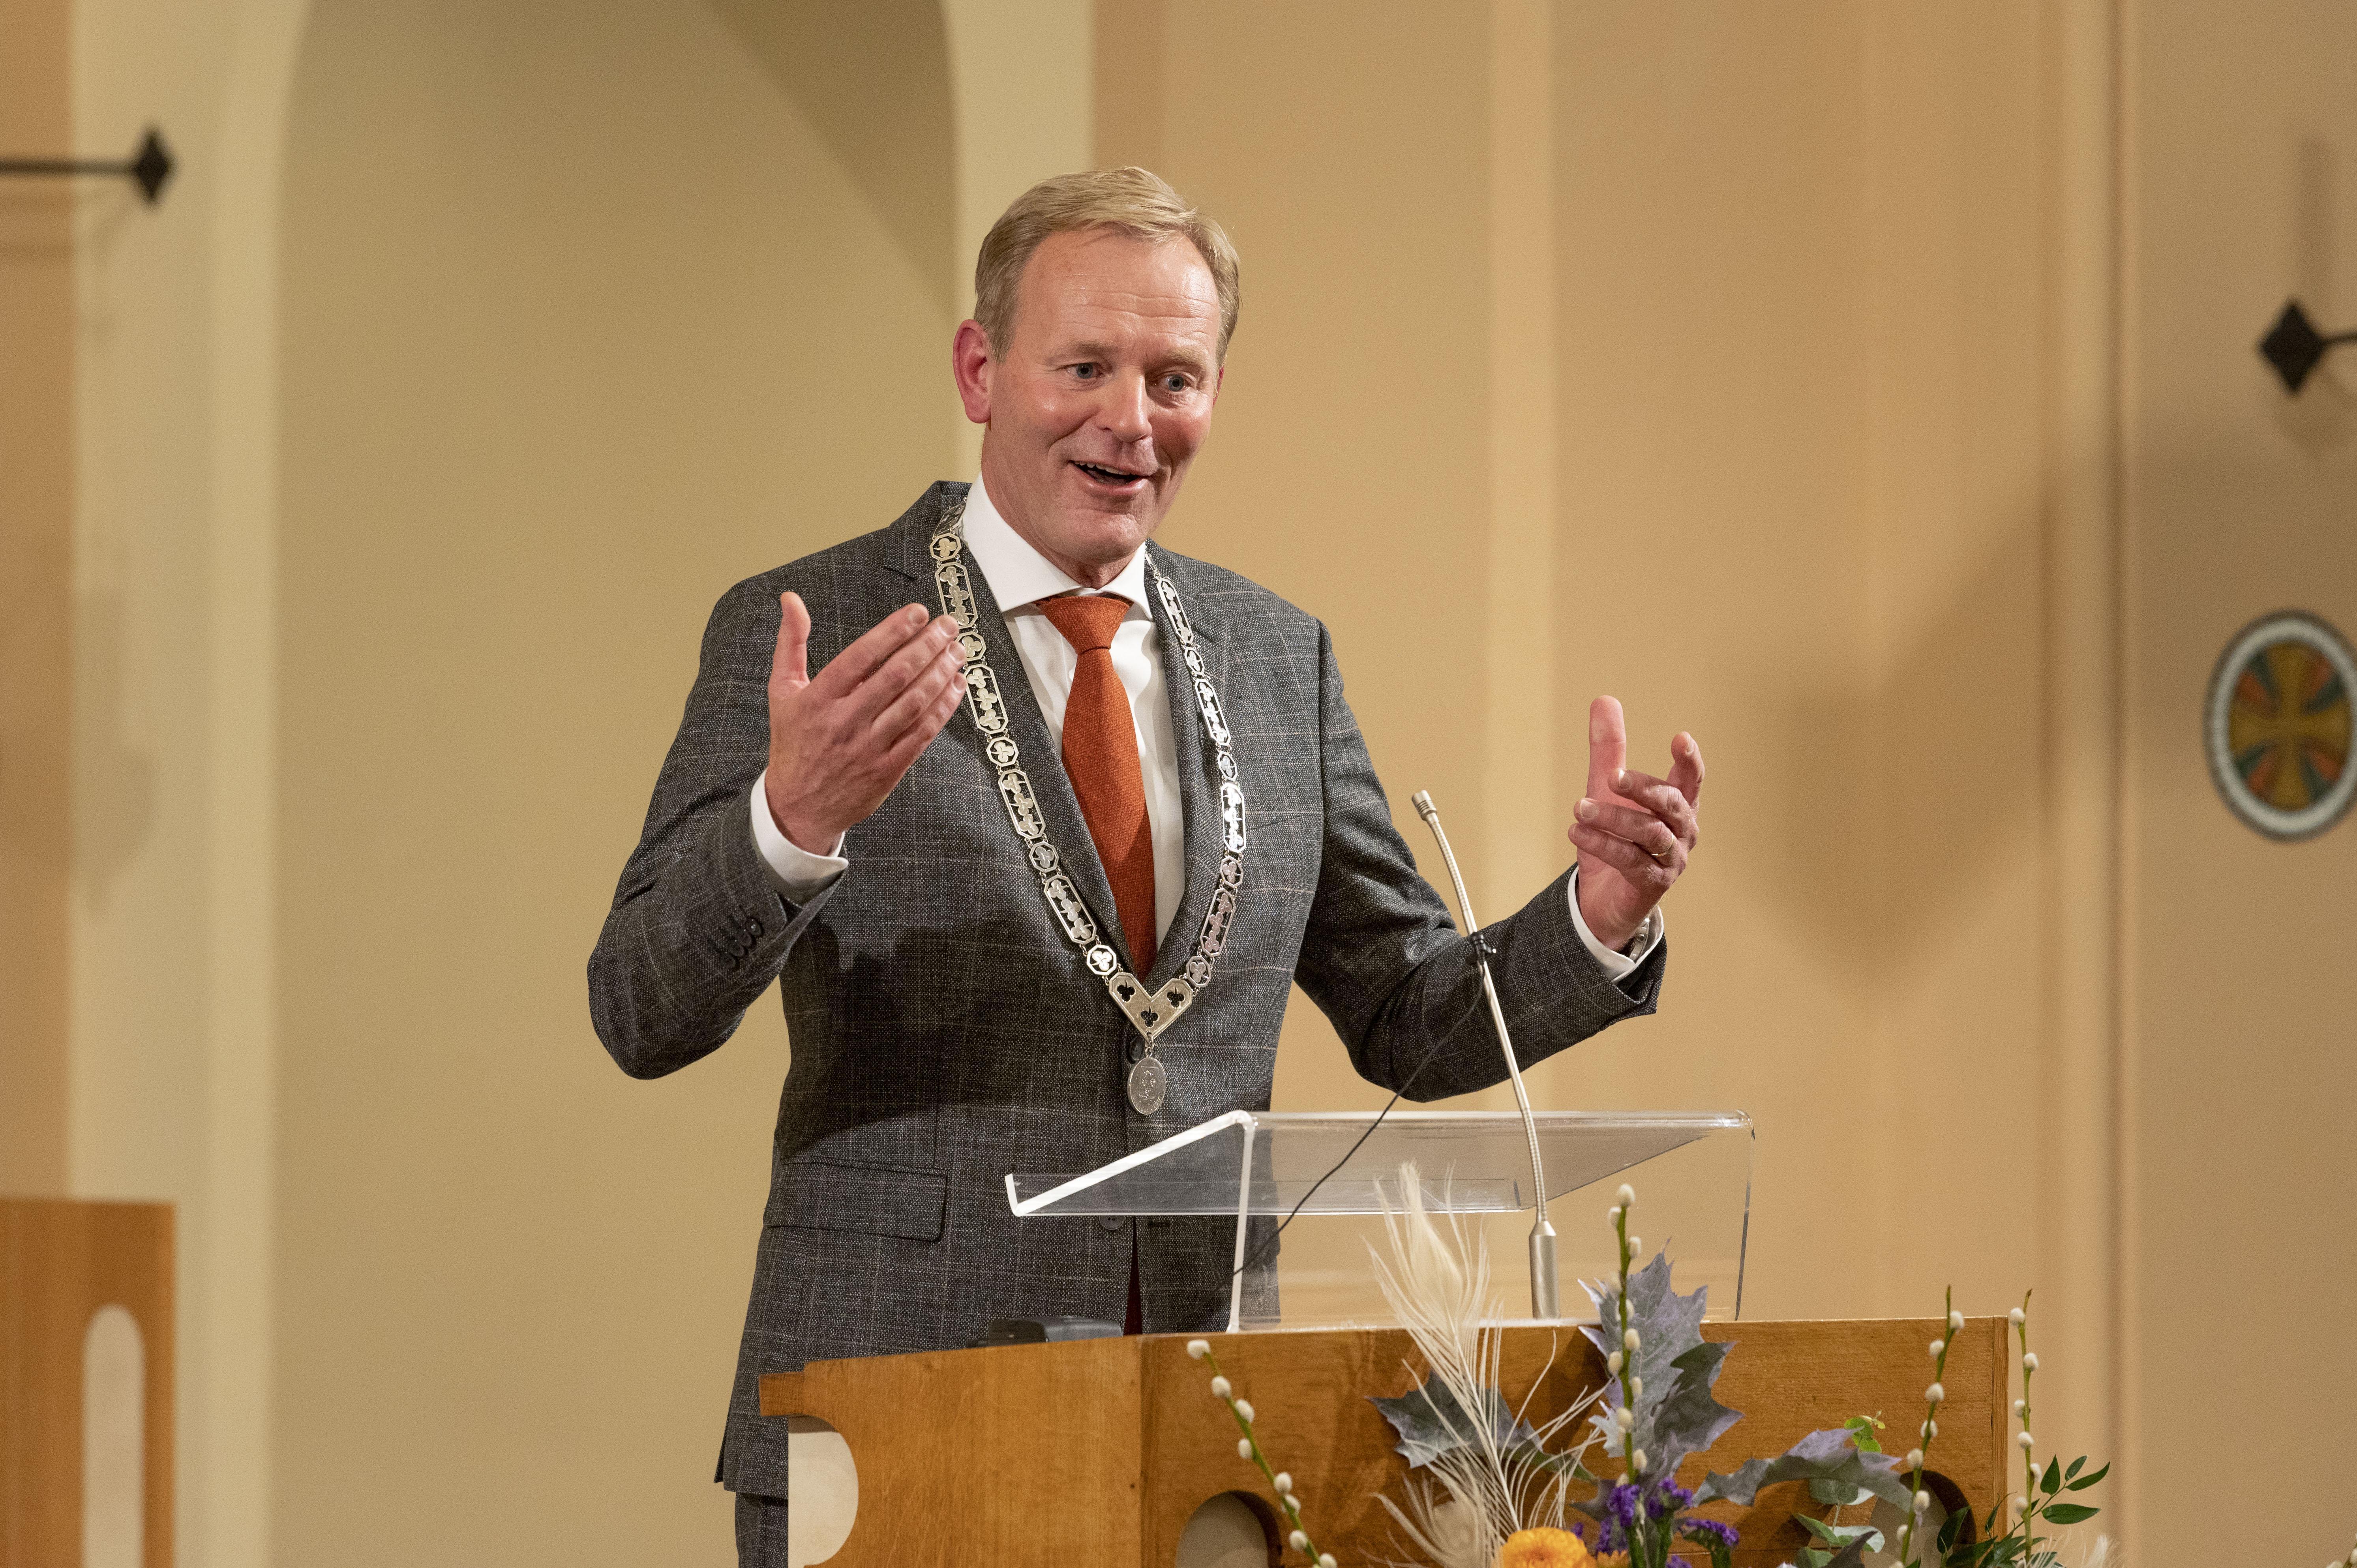 De nieuwe burgemeester Zoeterwoude gaat tennislessen geven